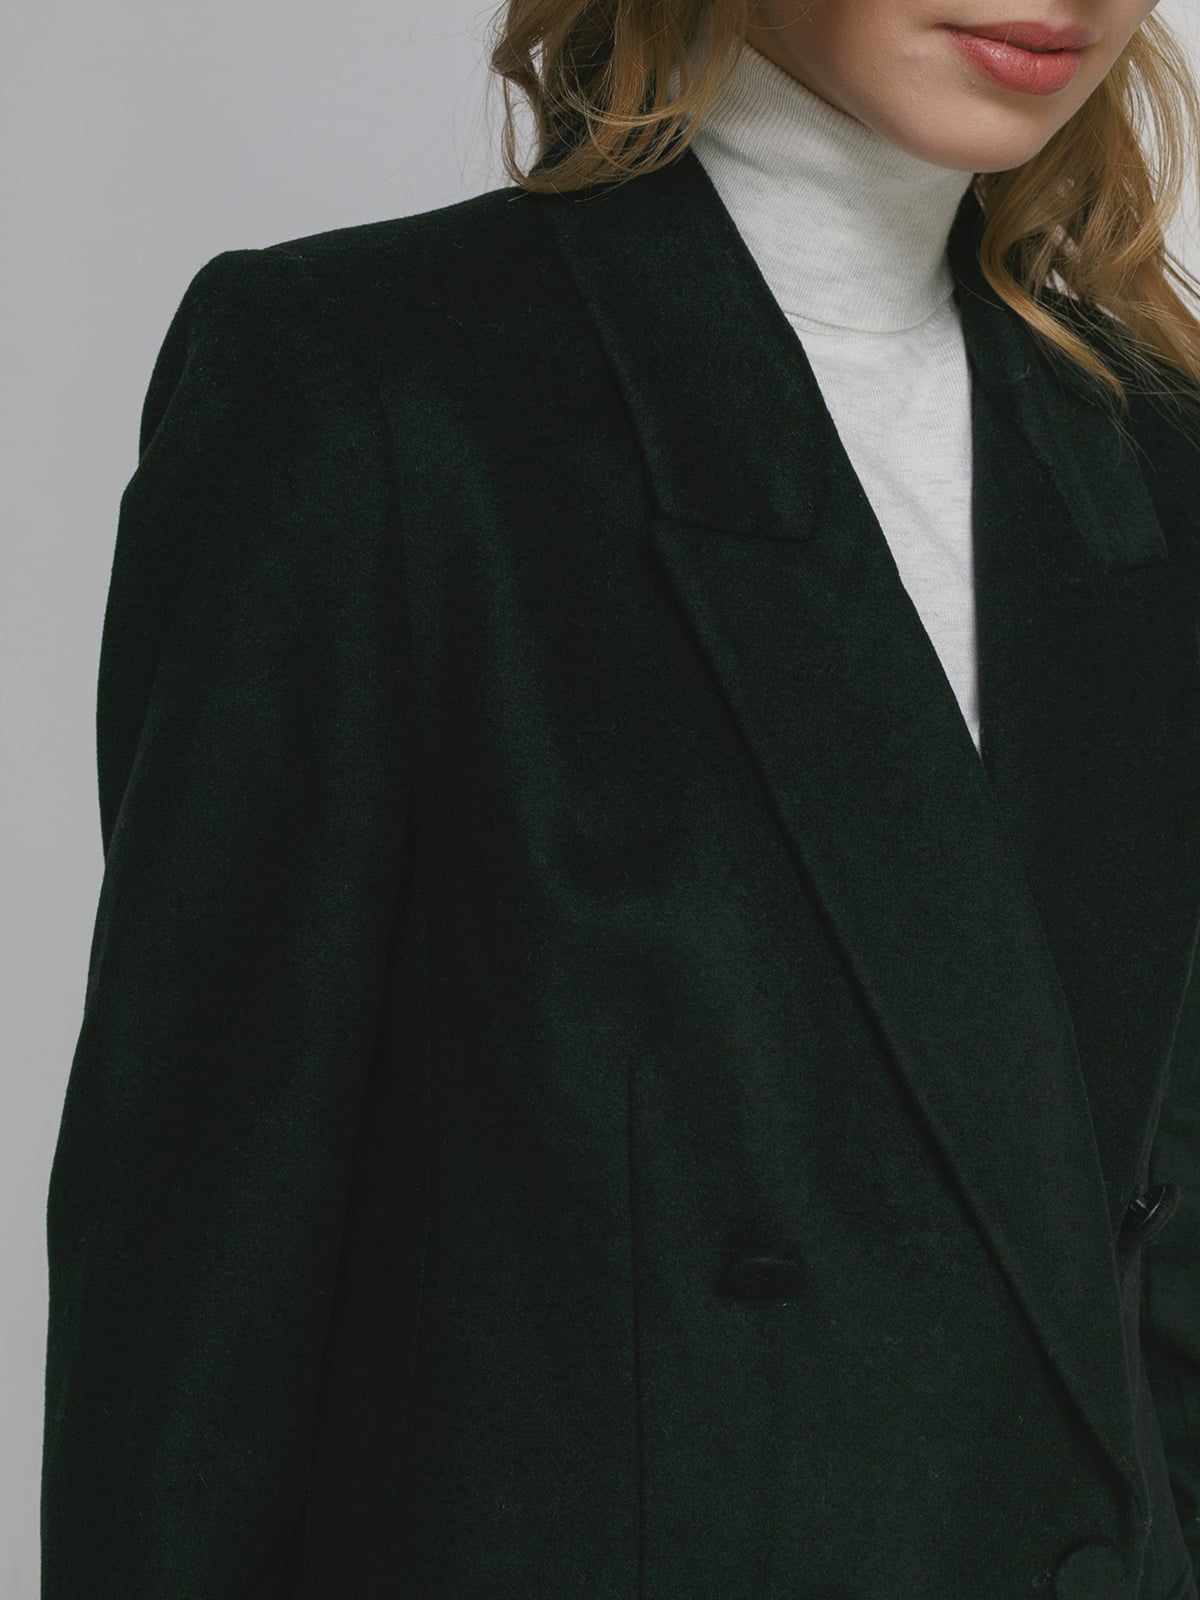 Пальто черное | 4876854 | фото 4